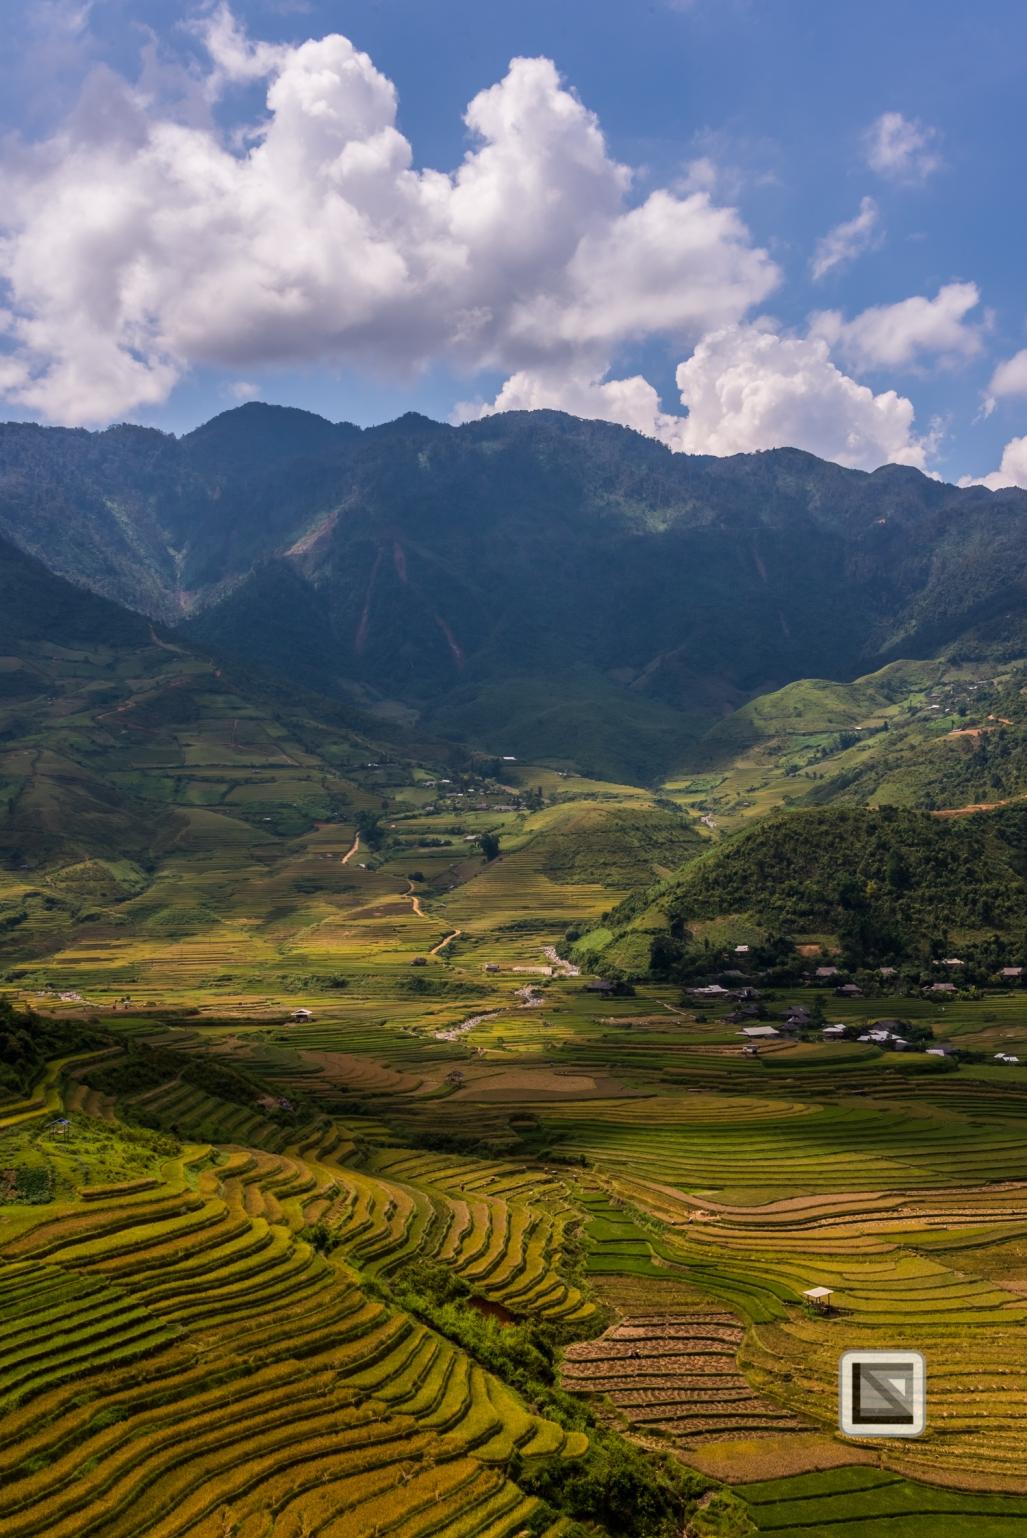 vietnam-van_chan-mu_cang_chai-yen_bai_province-131